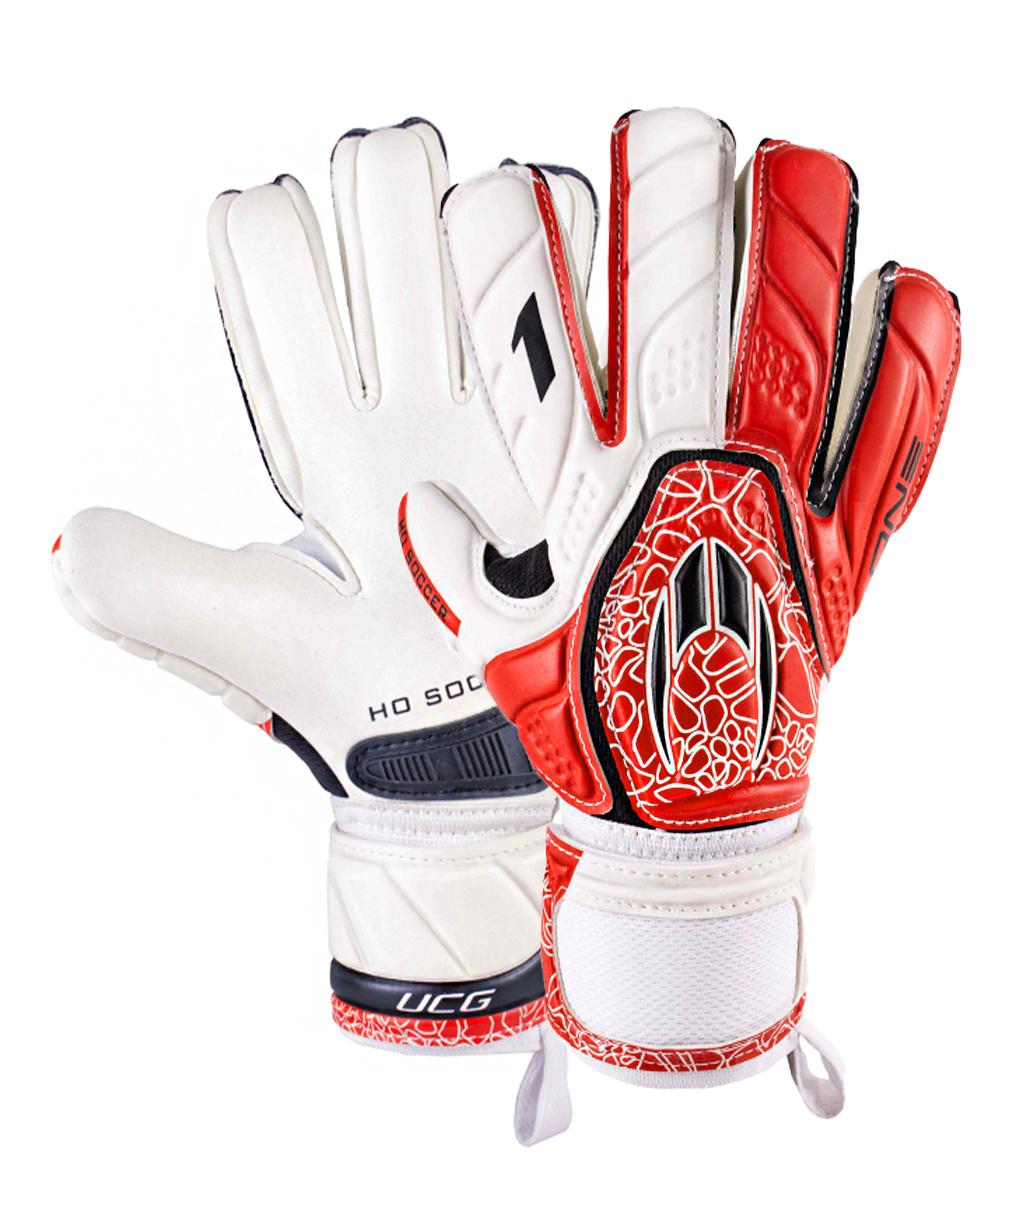 Перчатки HO Soccer One Negative Intense Red 051.0711